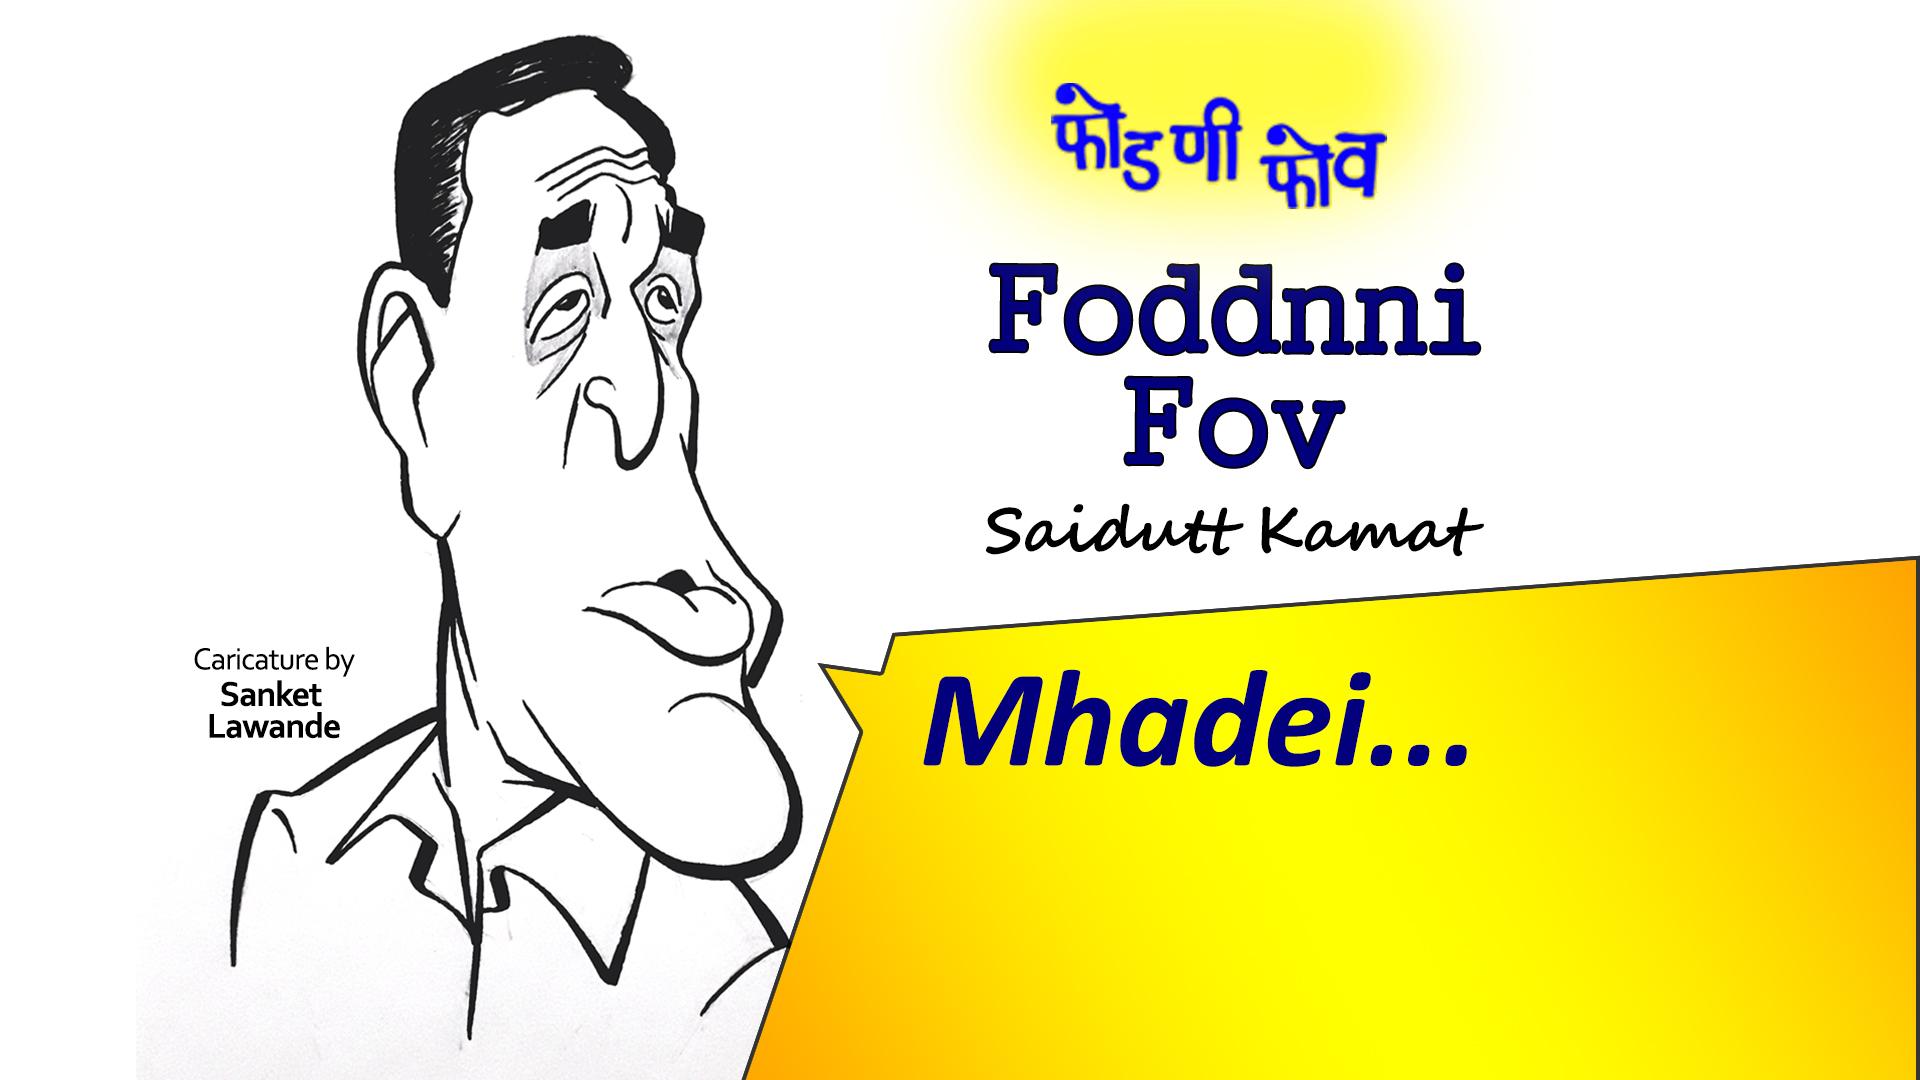 FODDNNI_FOV : Mhadei